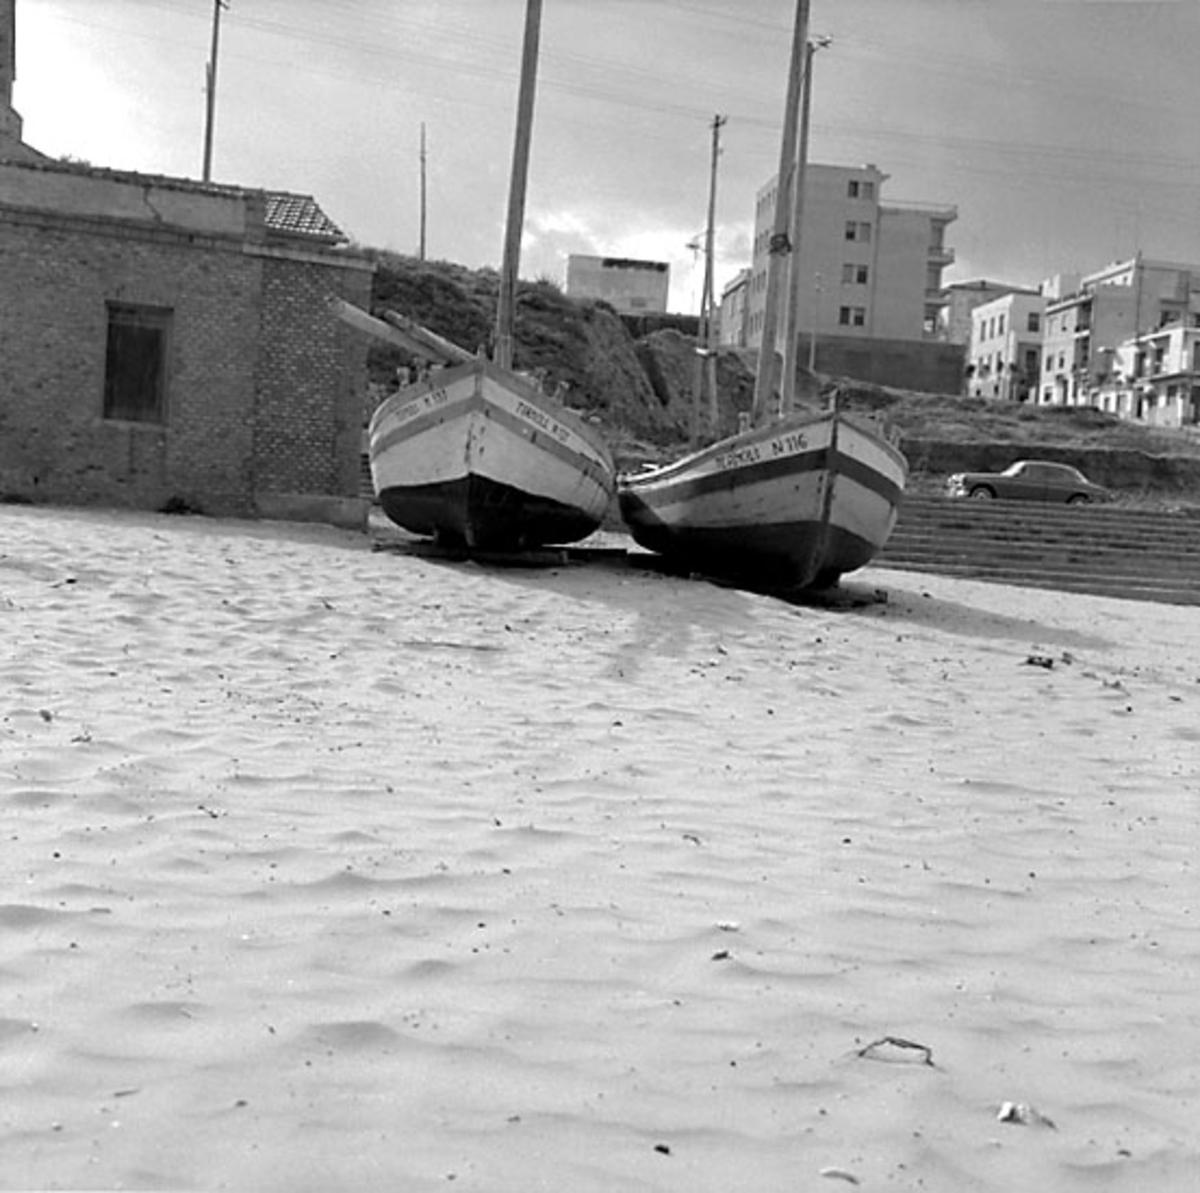 14. Sverige, Italien. Fotojournal finns på B.M.A. + fotoalbum. Samtidigt förvärv: Böcker och arkivmaterial. Foton tagna 1959-10-28. 12 Bilder i serie.